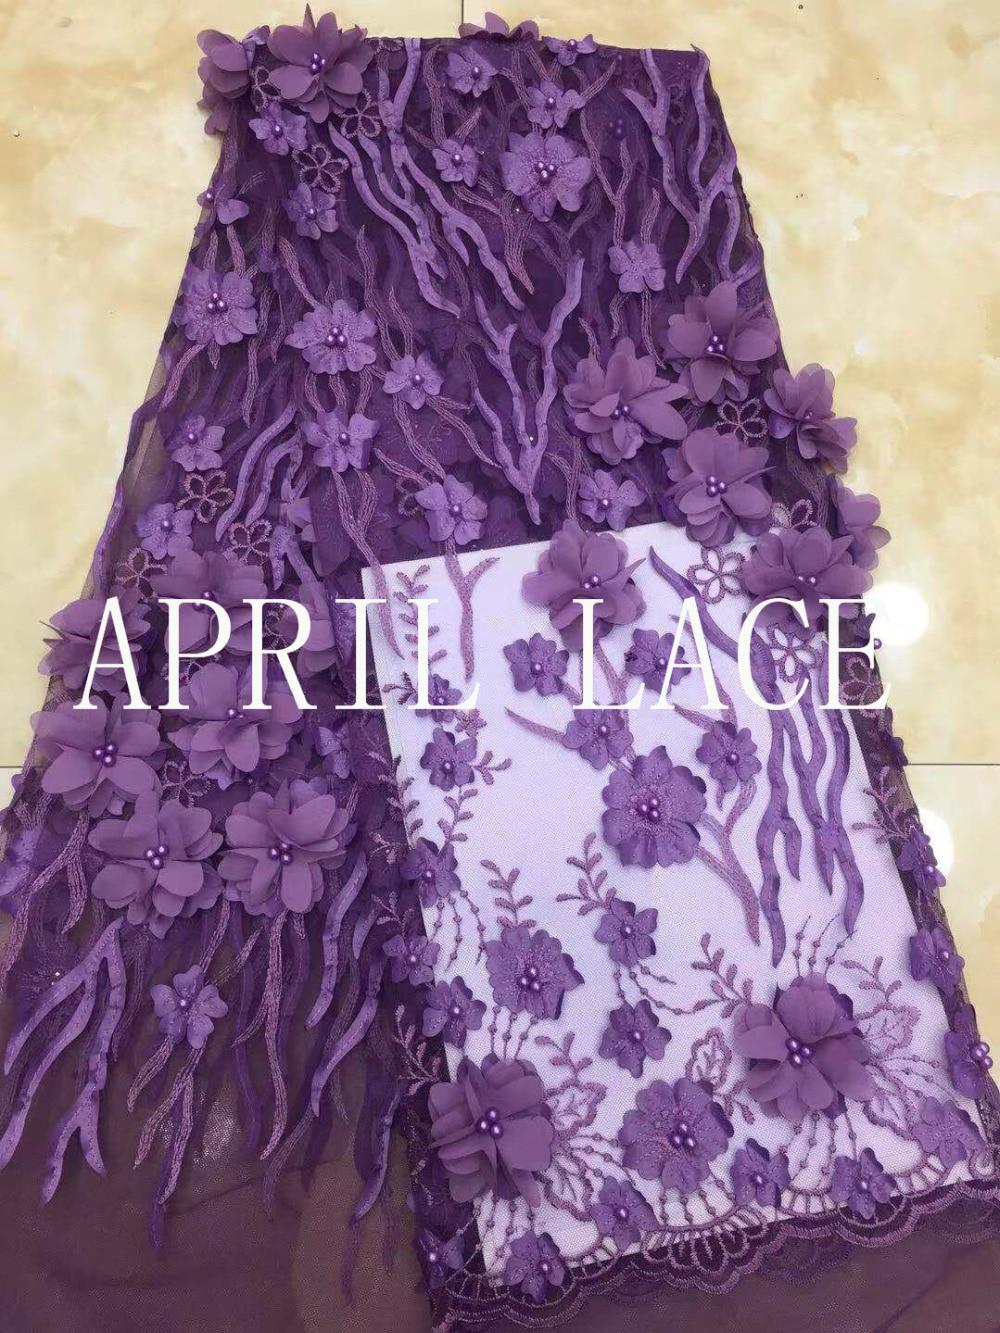 5 yards xx01 # pourpre 3d mousseline de soie fleur perles de luxe tulle maille dentelle pour le sciage de mariée robe de mariage/occasion